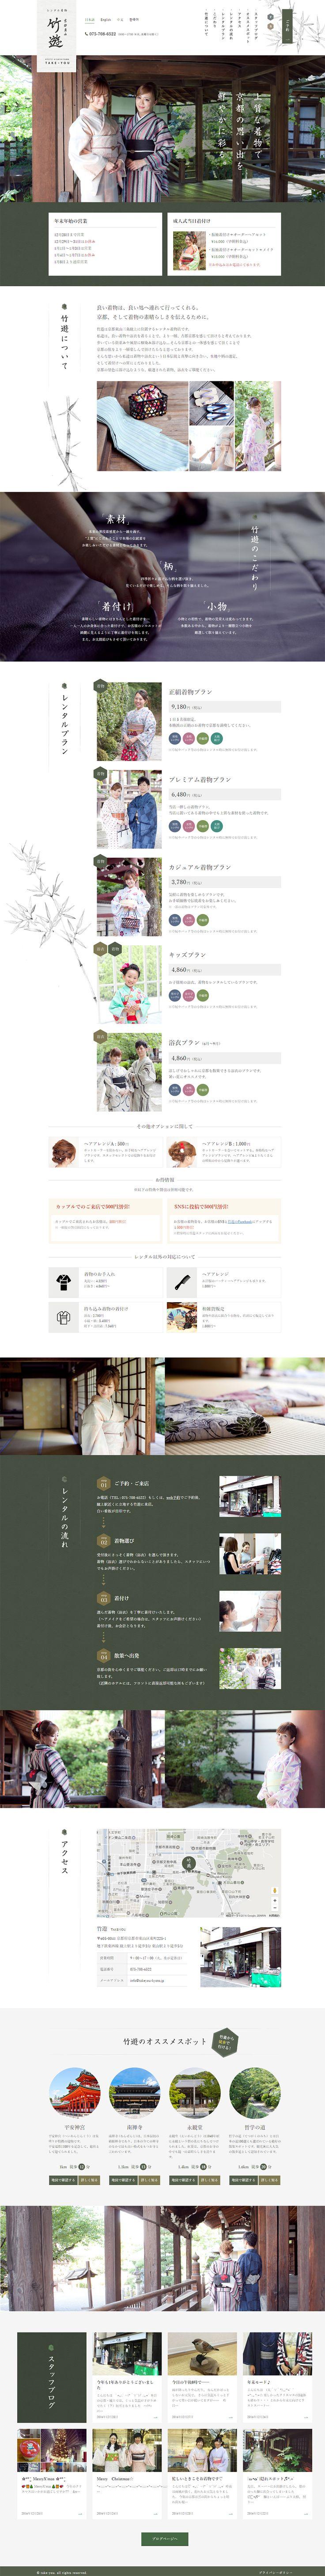 京都レンタル着物|WEBデザイナーさん必見!ランディングページのデザイン参考に(シンプル系)